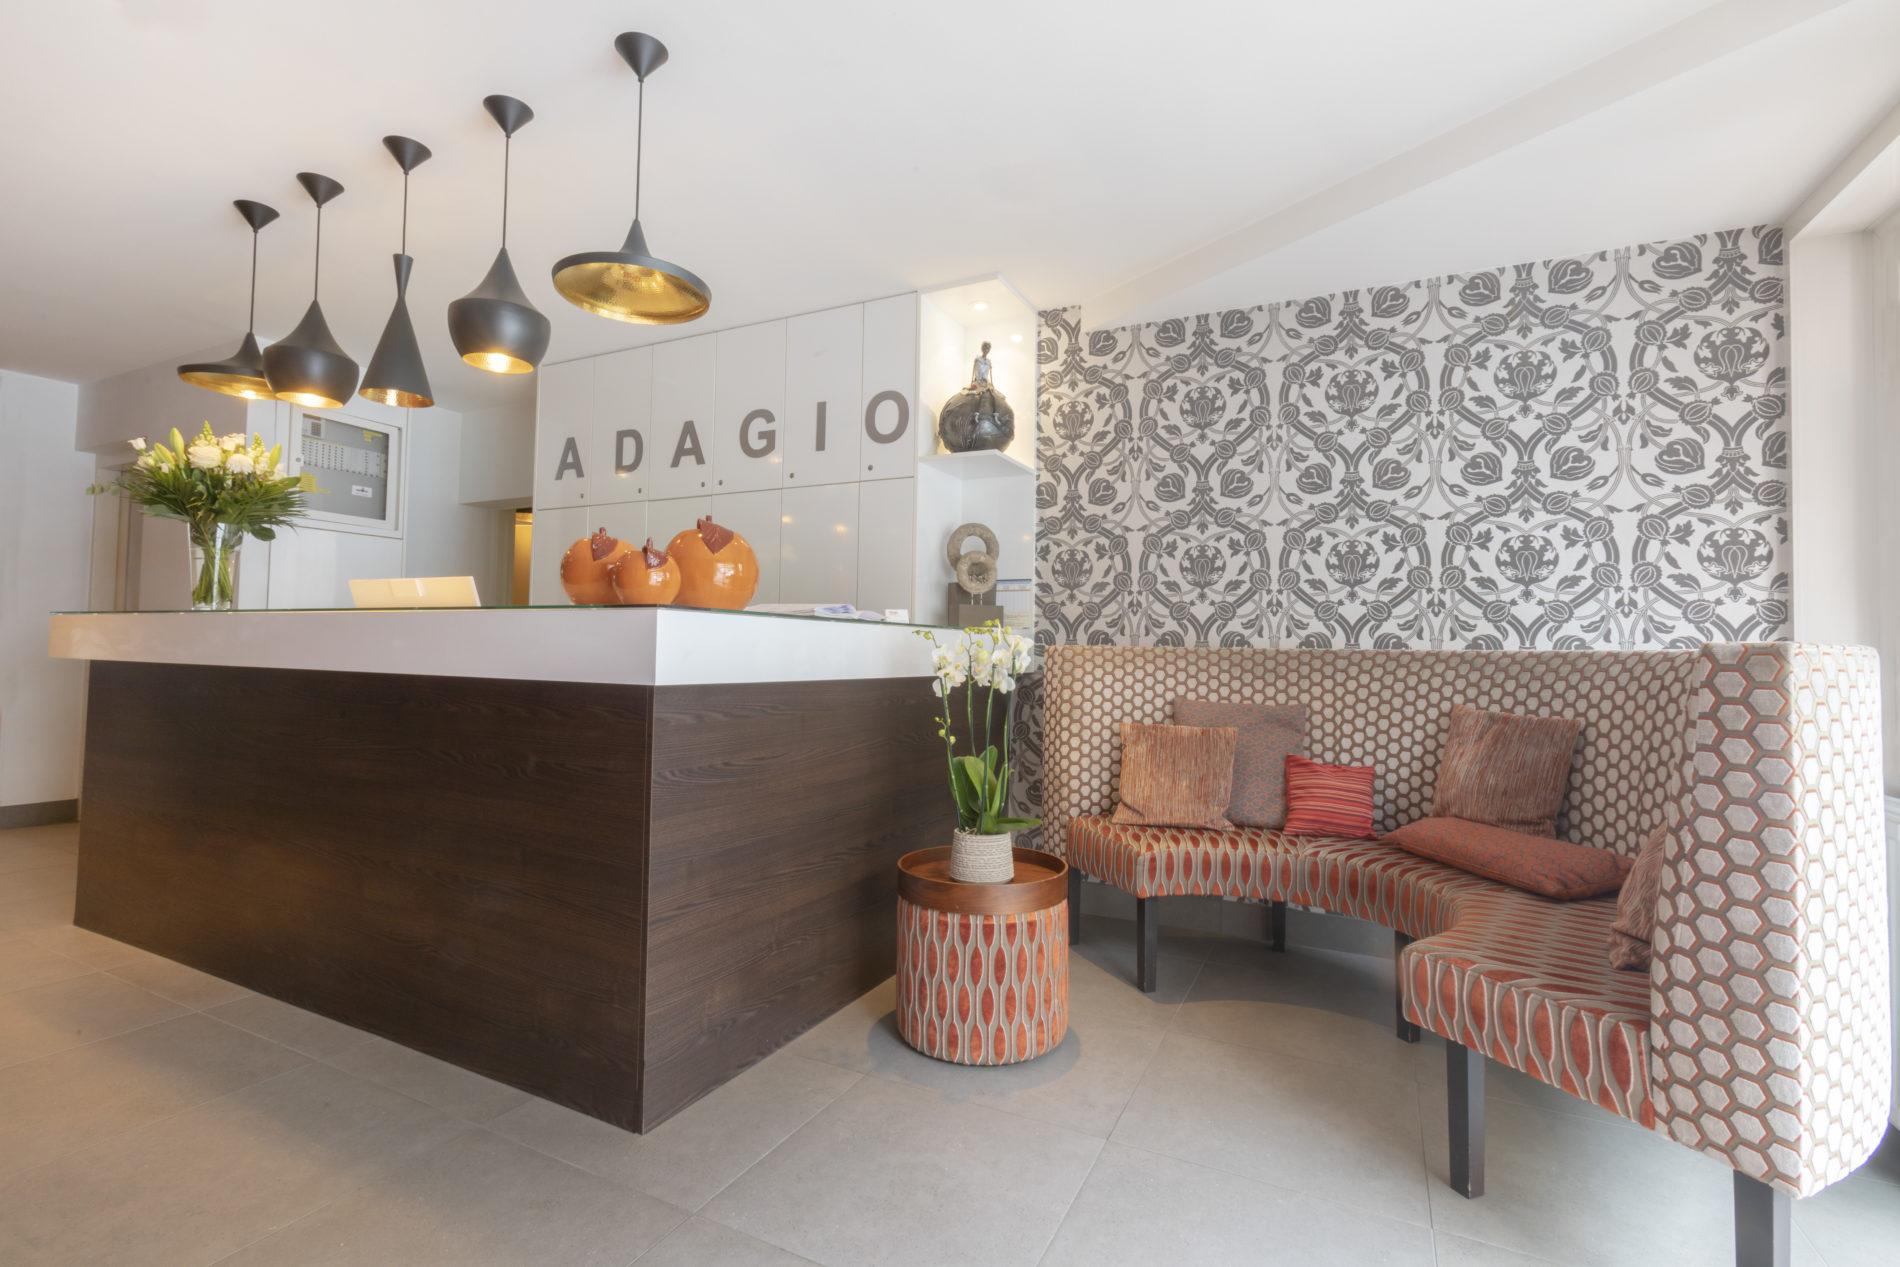 Hôtel Adagio